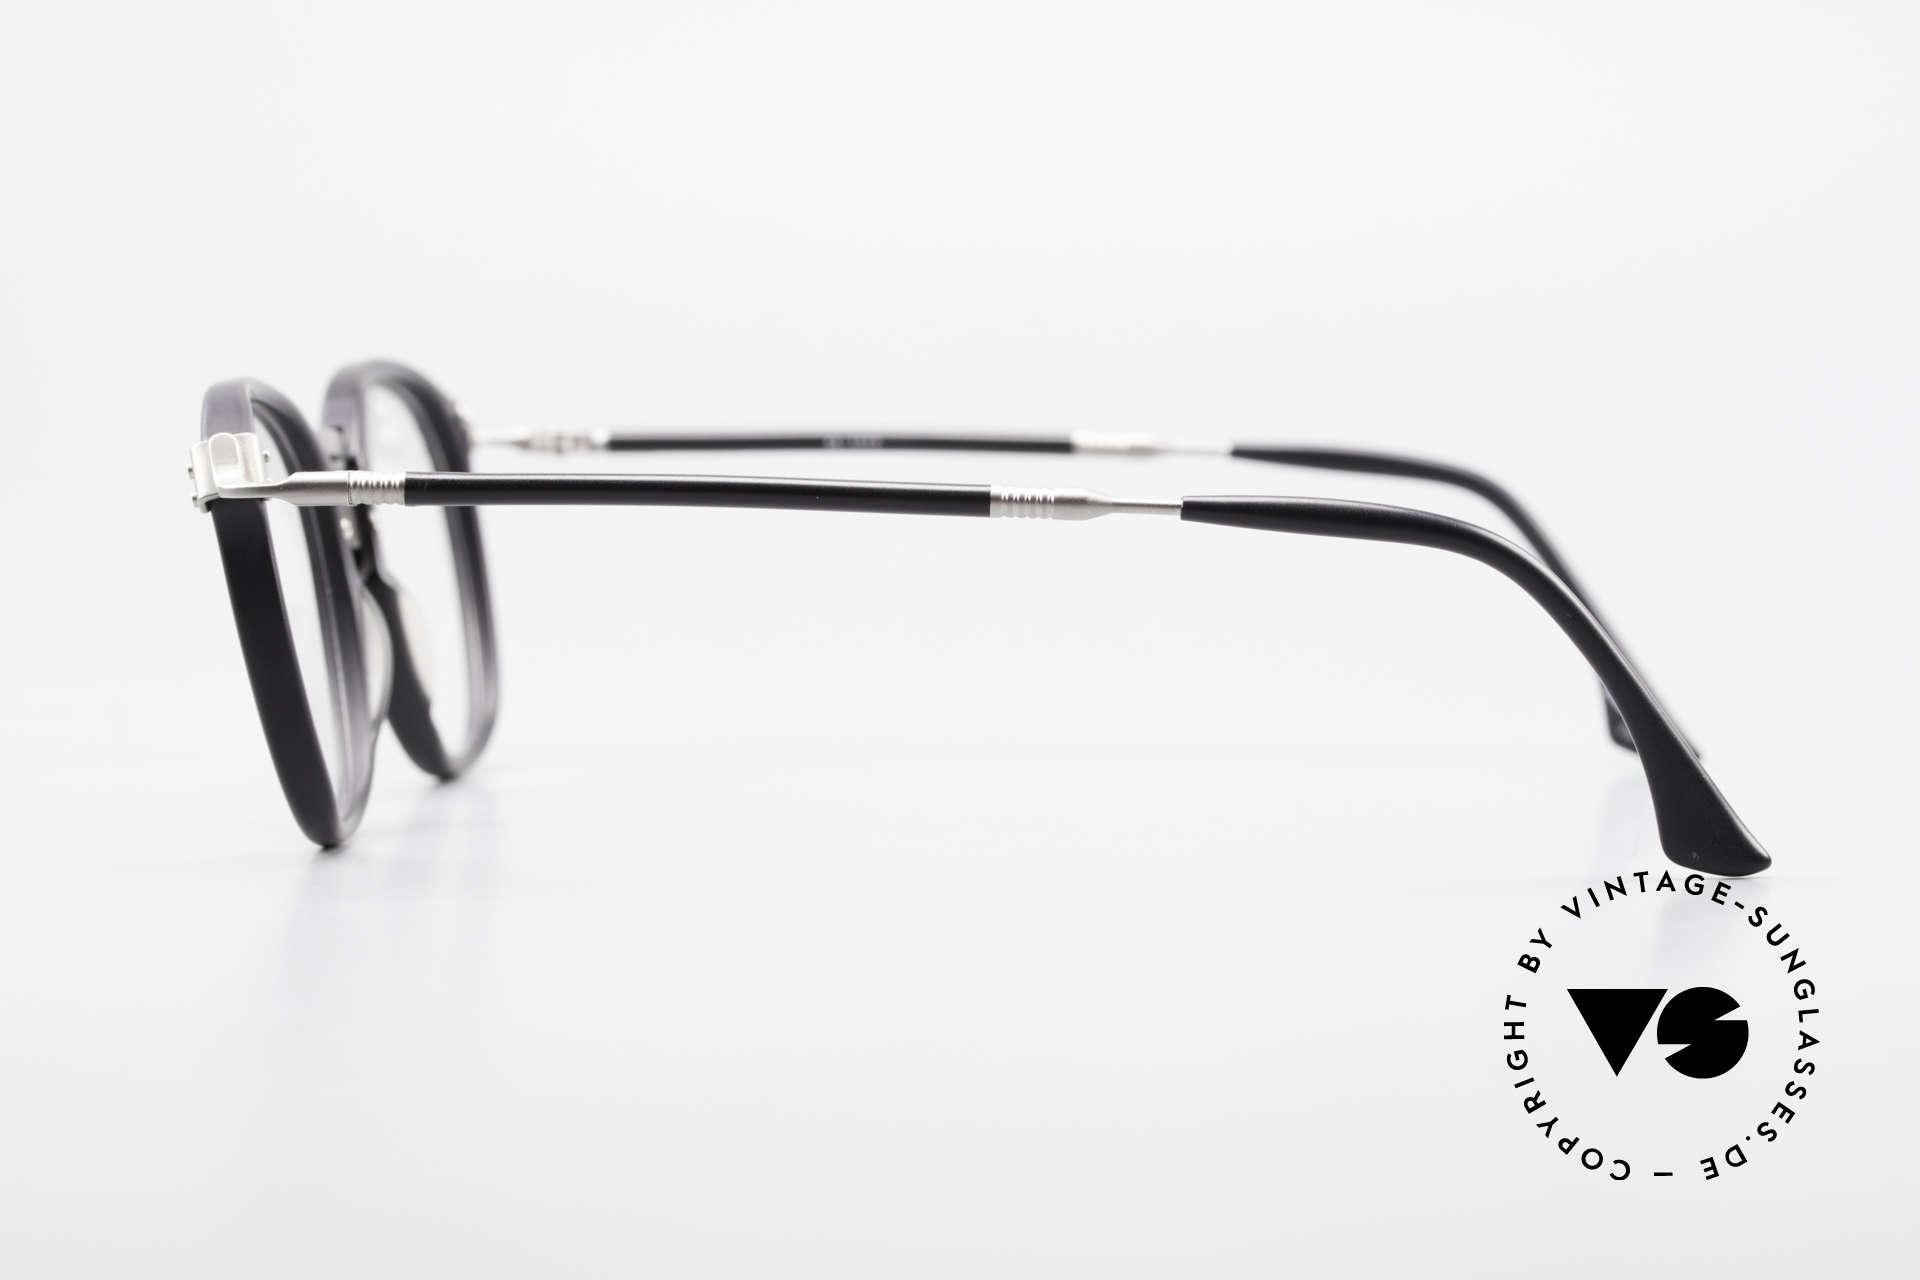 Jean Paul Gaultier 55-1272 Alte Vintage Brille No Retro, unbenutzt (wie alle unsere alten vintage J.P.G. Brillen), Passend für Herren und Damen